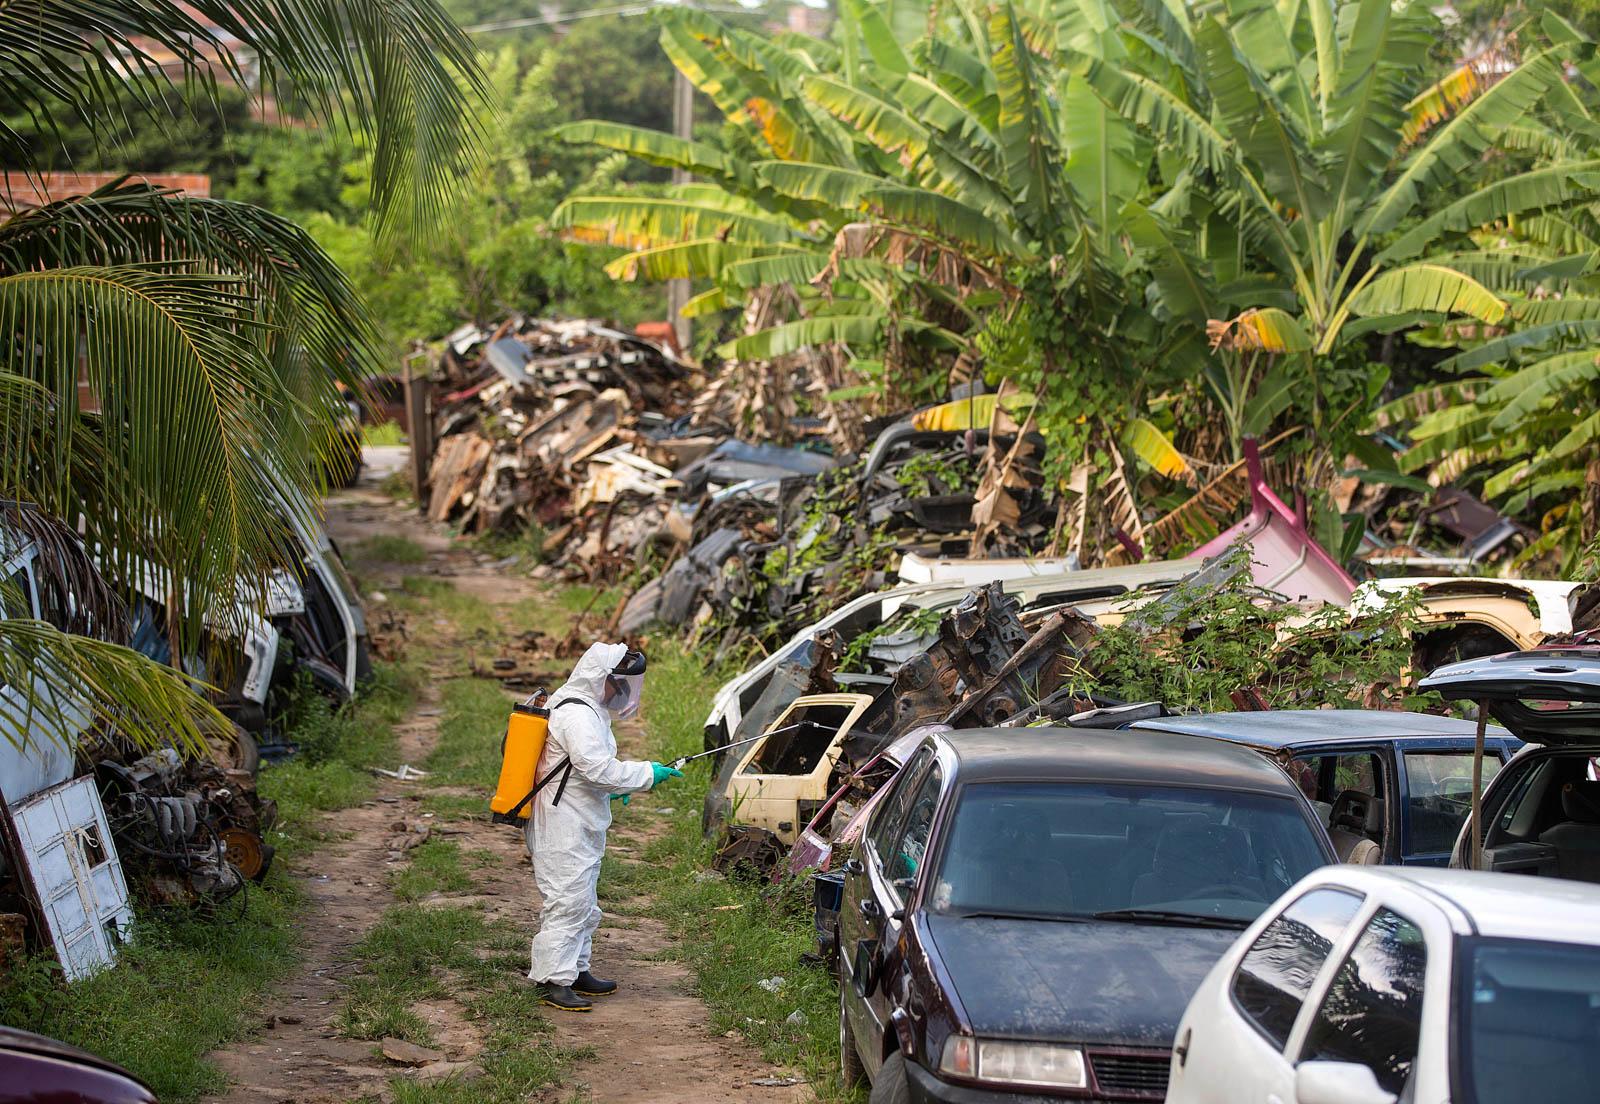 Работник в защитном костюме распыляет инсектицид на свалке автомобилей, окруженной тропическими деревьями (© AP Images)